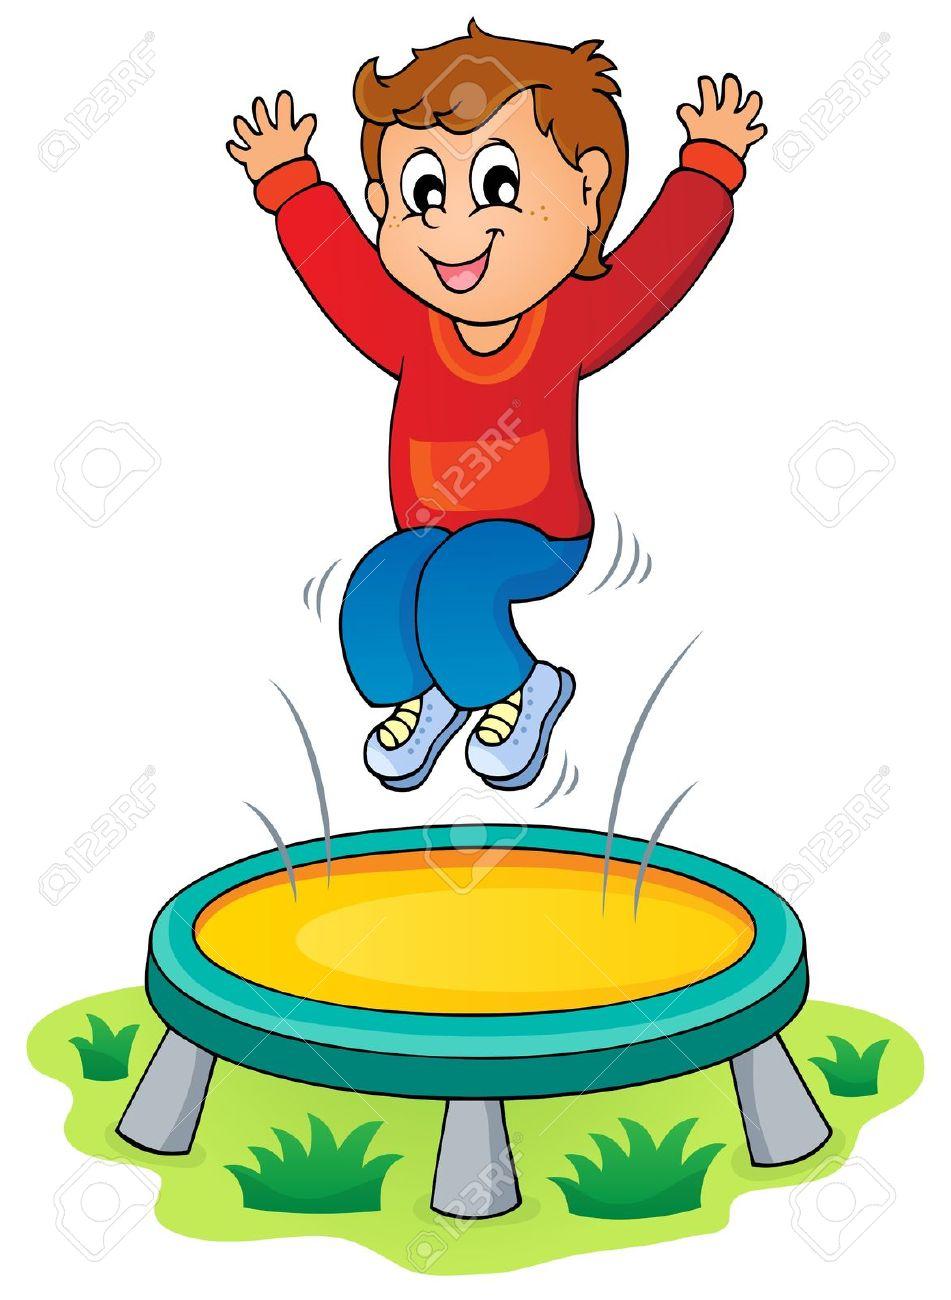 Boy jump clip art. Jumping clipart